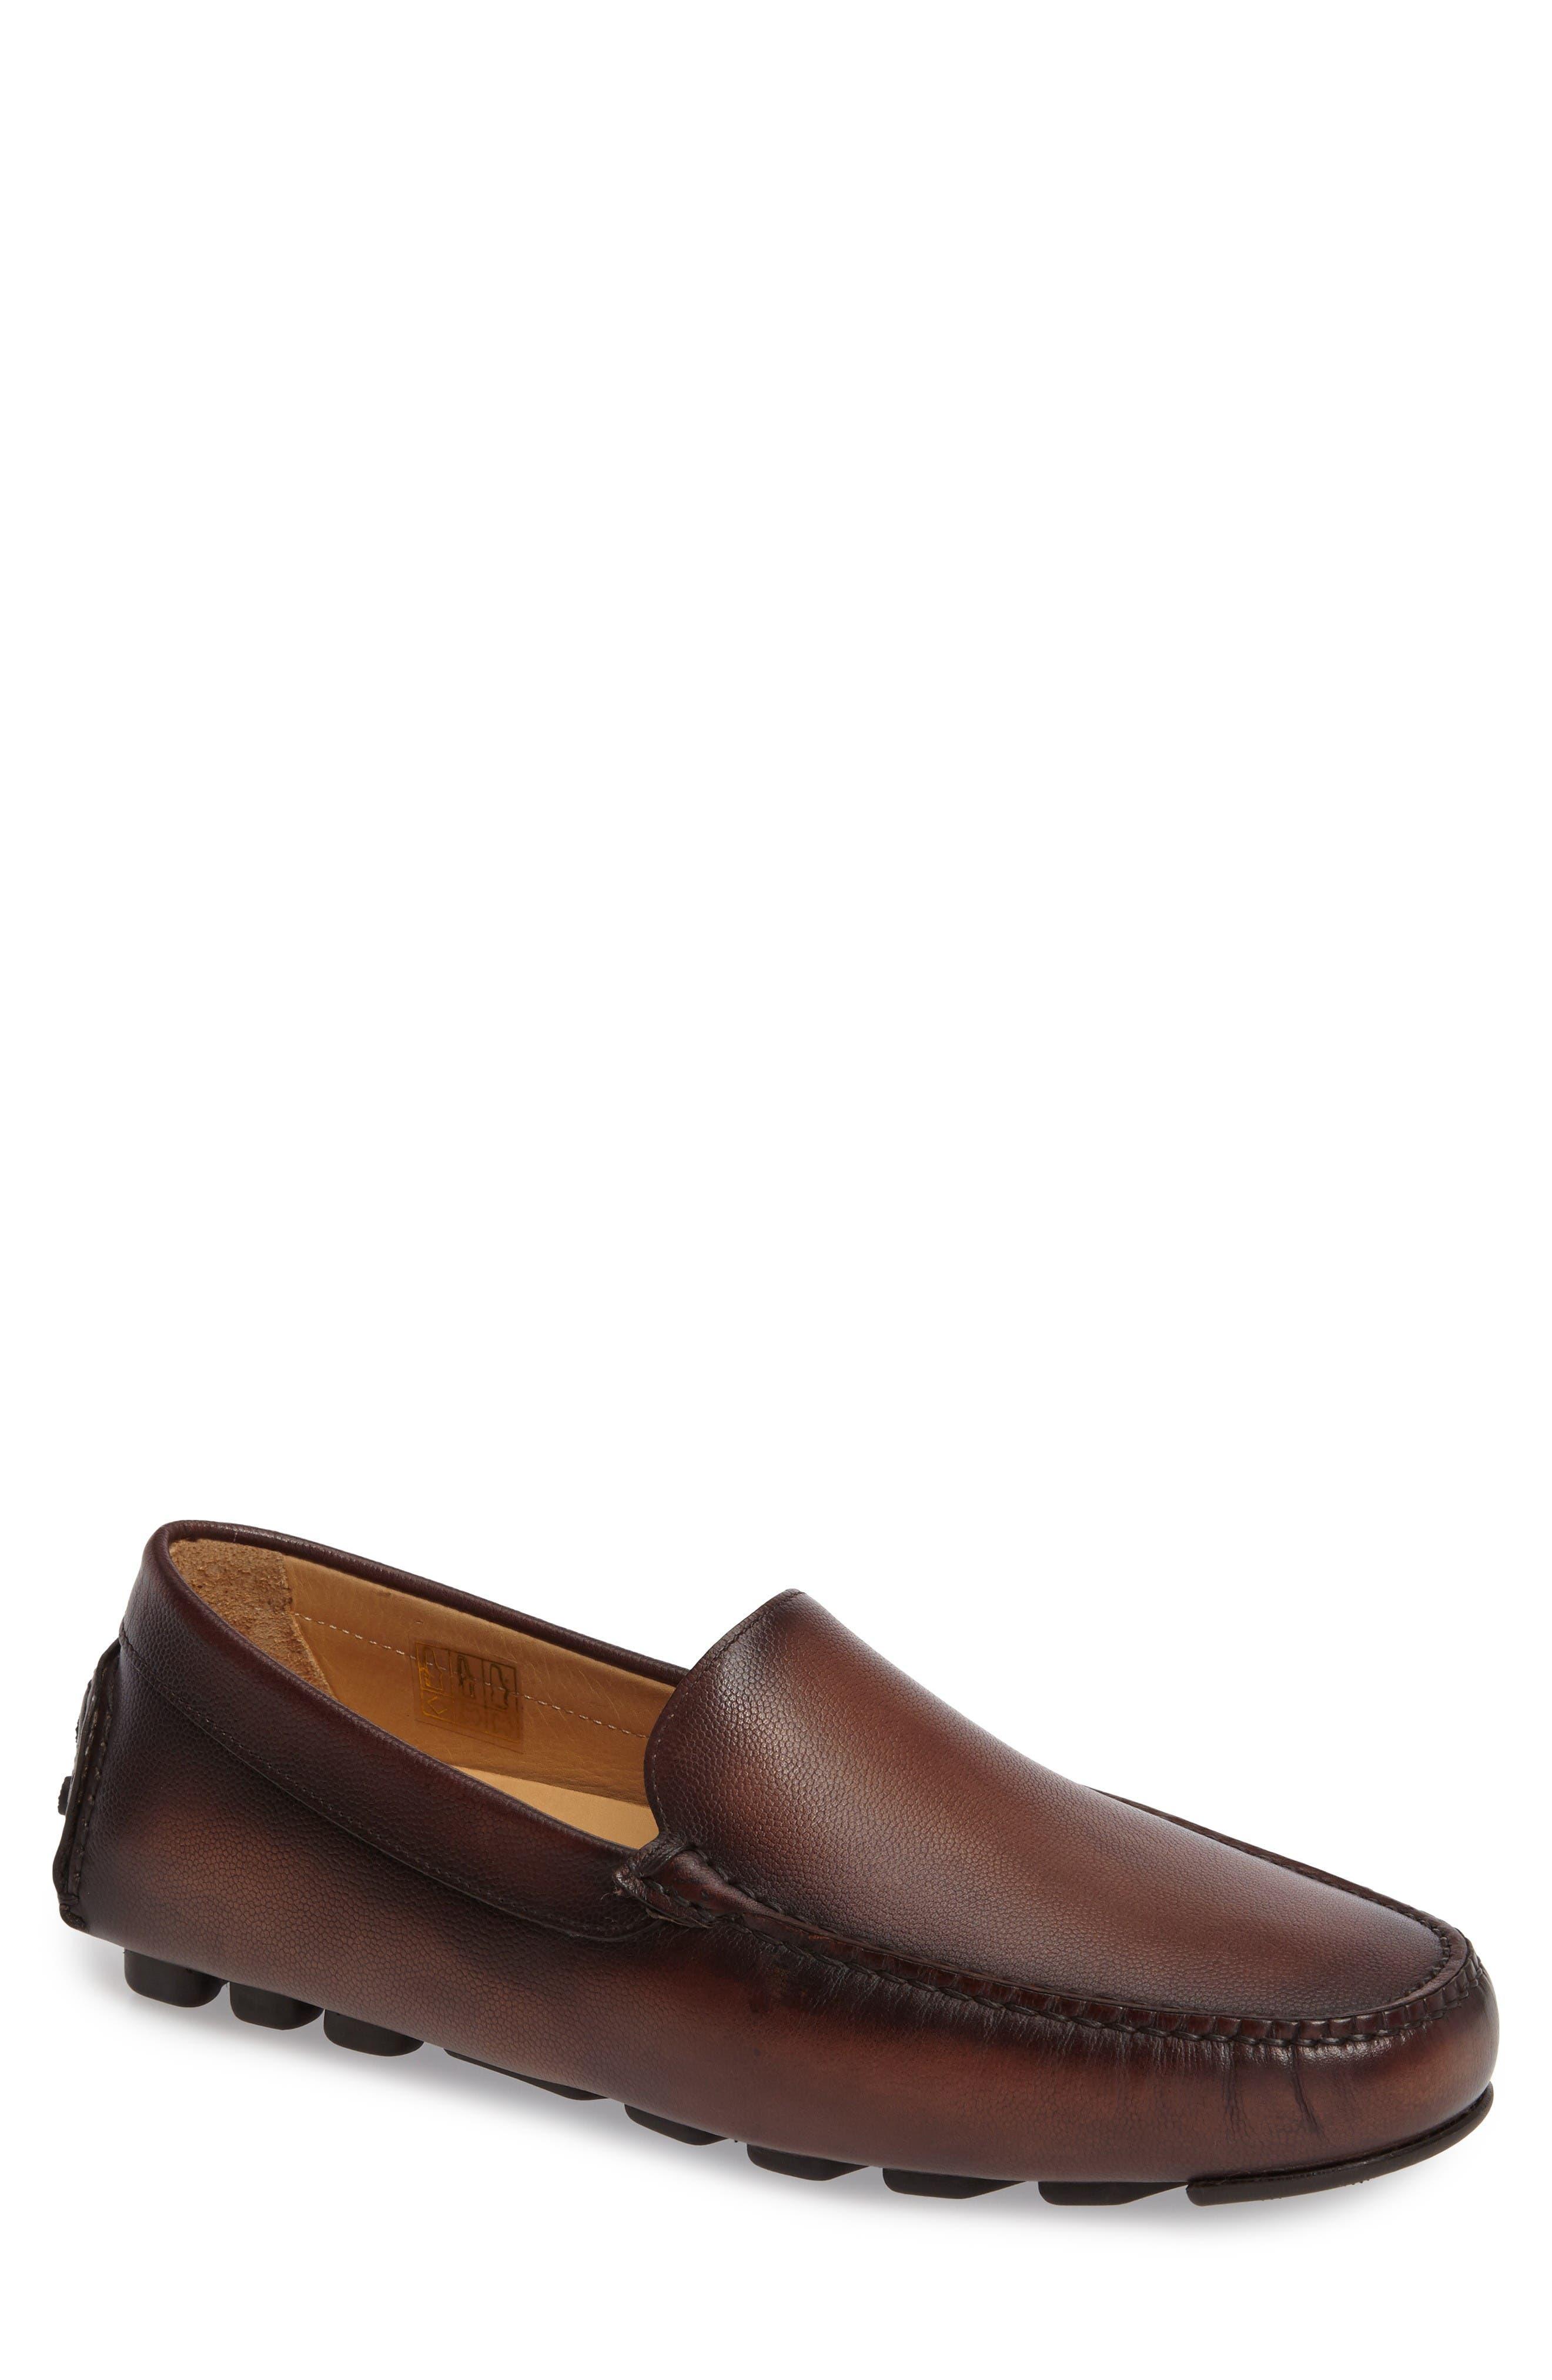 Main Image - Di Gallo Bianco Driving Shoe (Men)